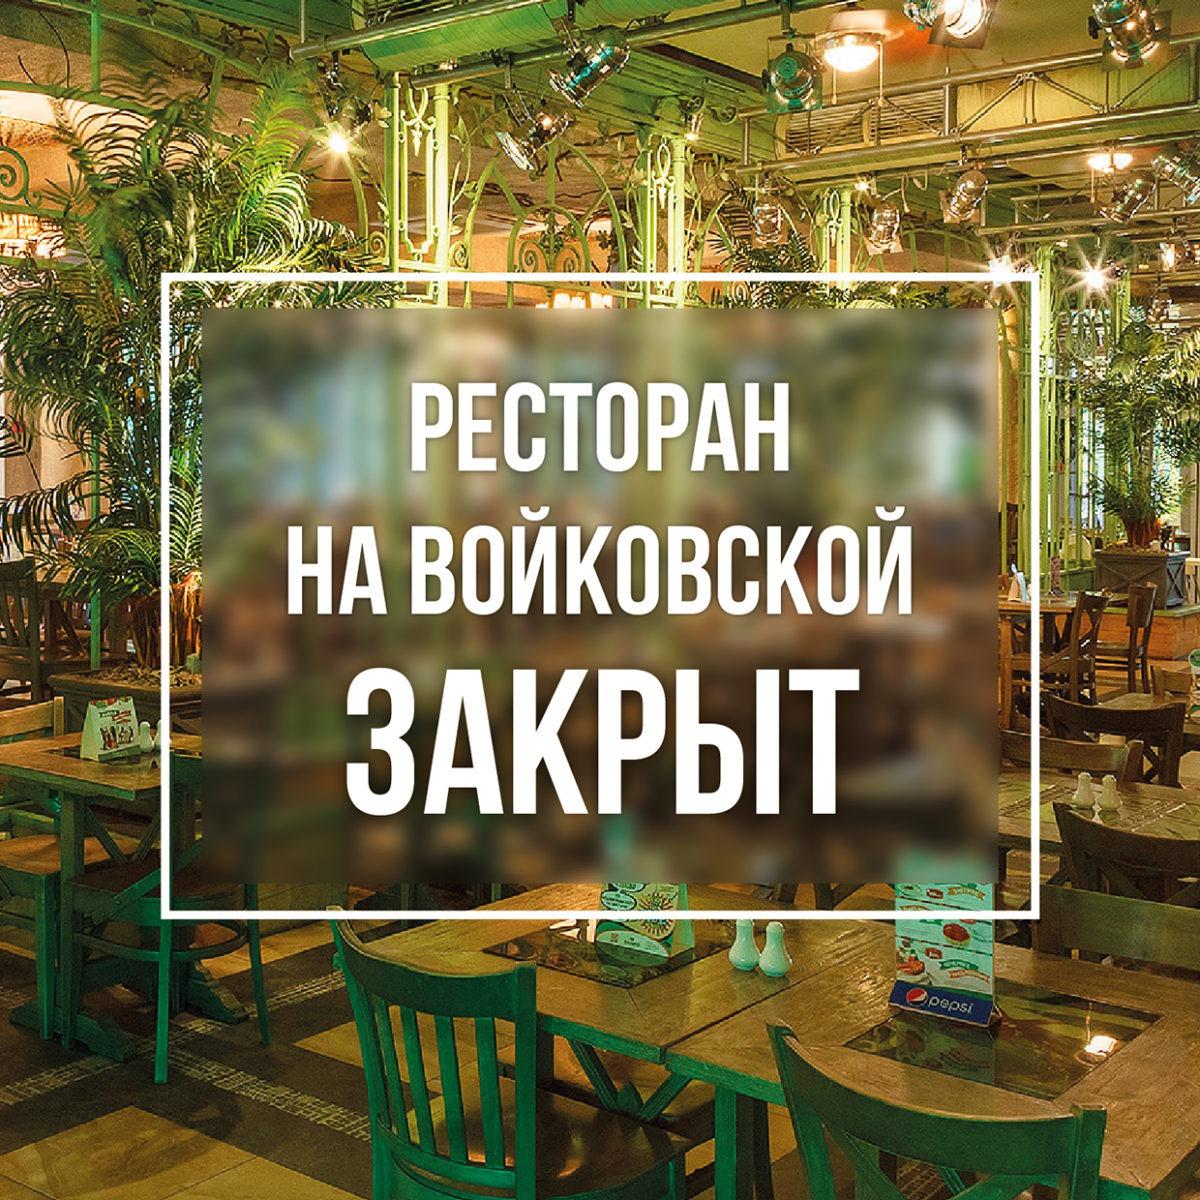 Ресторан «Грабли» на Войковской закрыт!